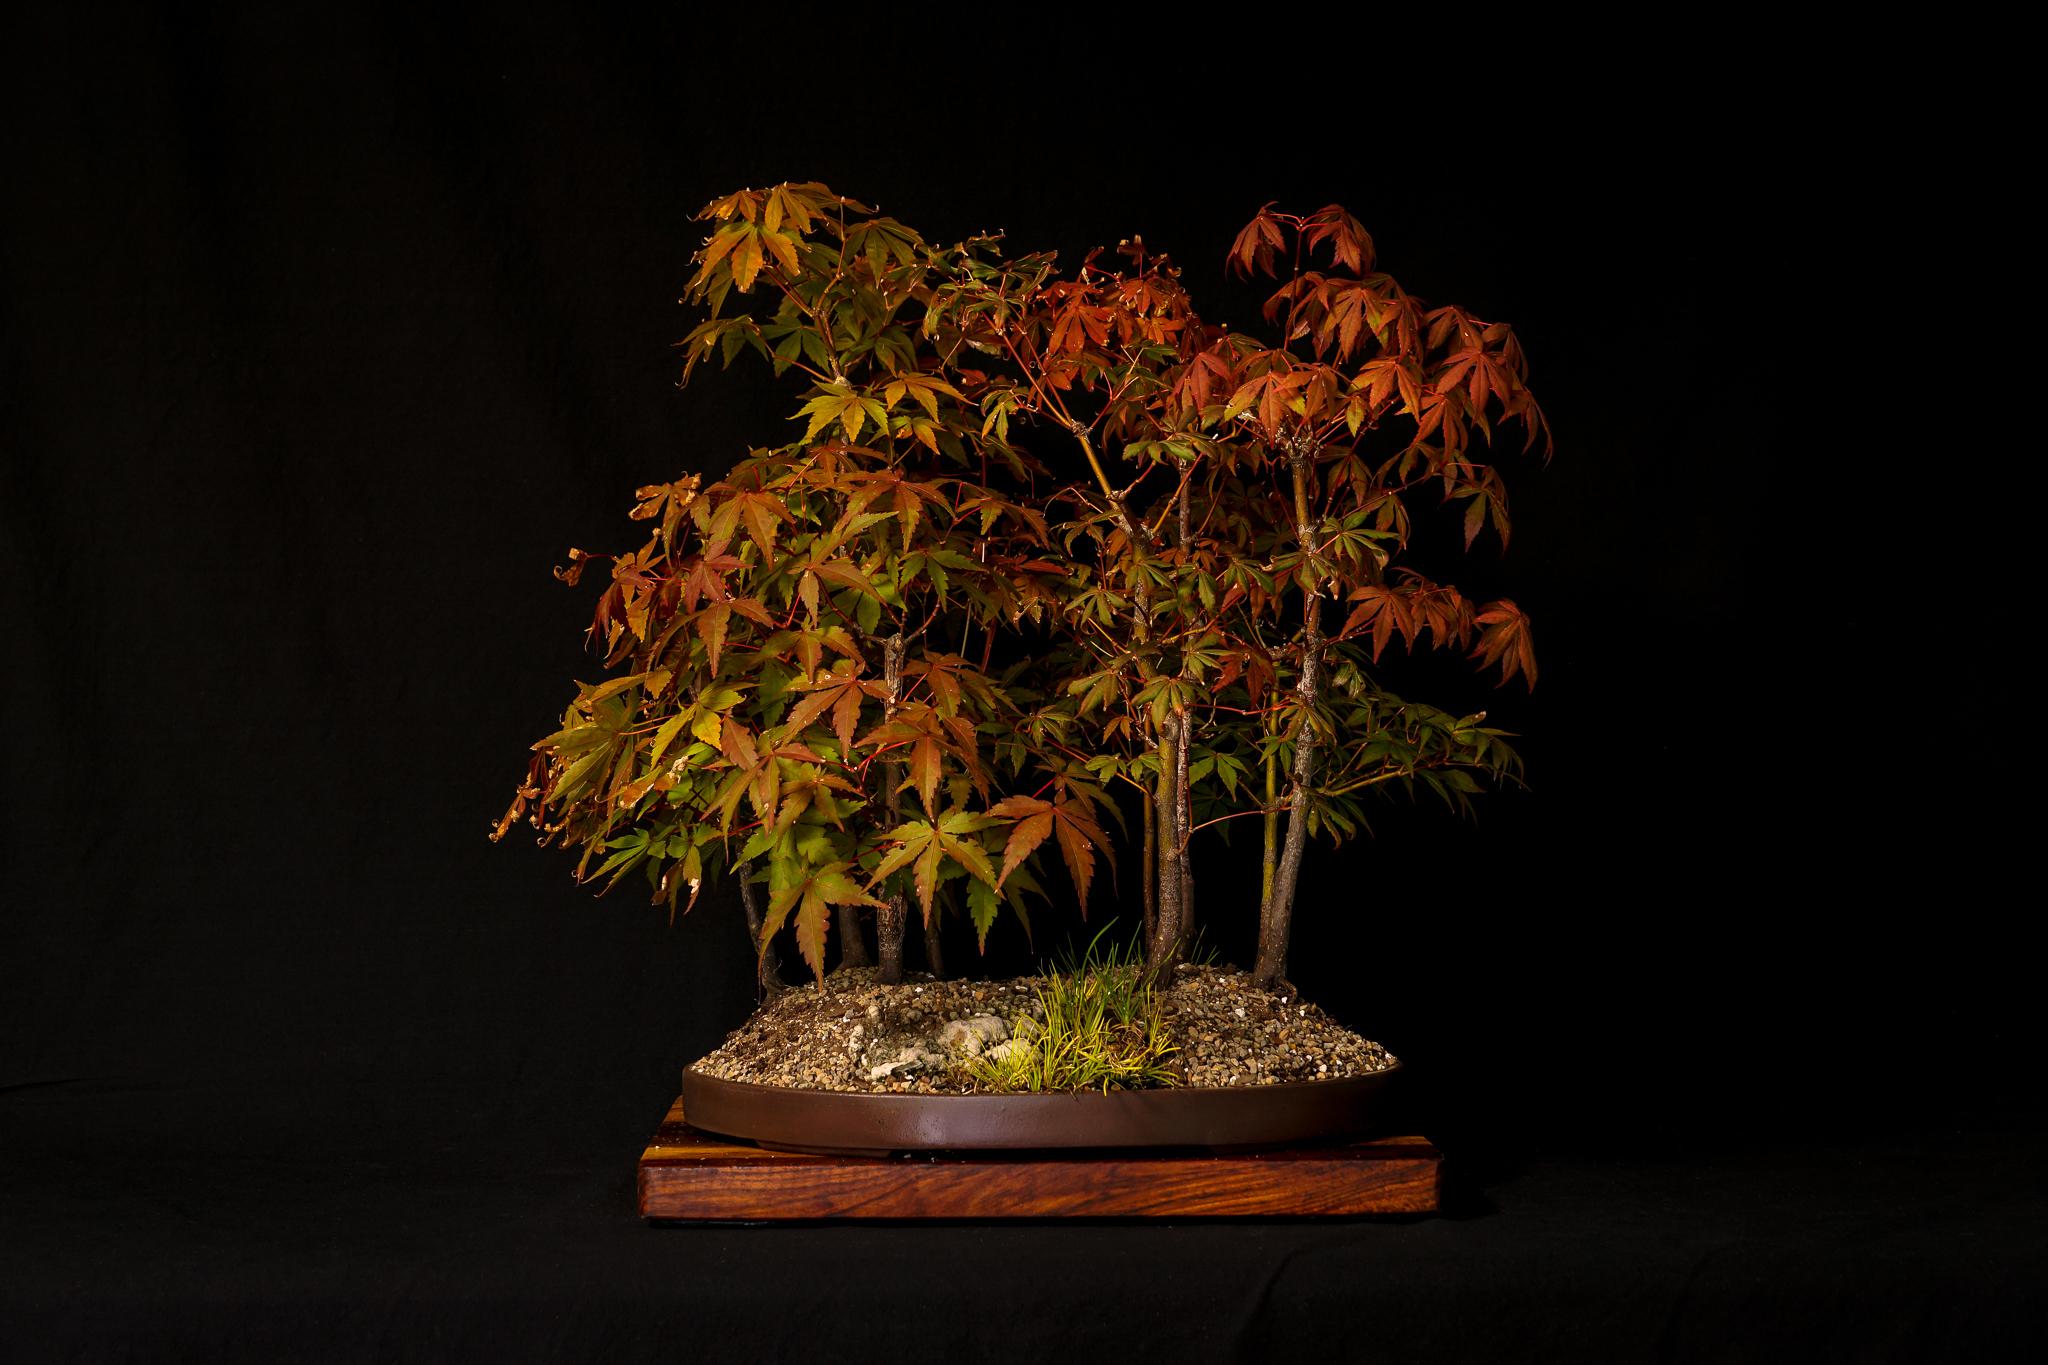 Atropurpureum Japanese Maple Forest